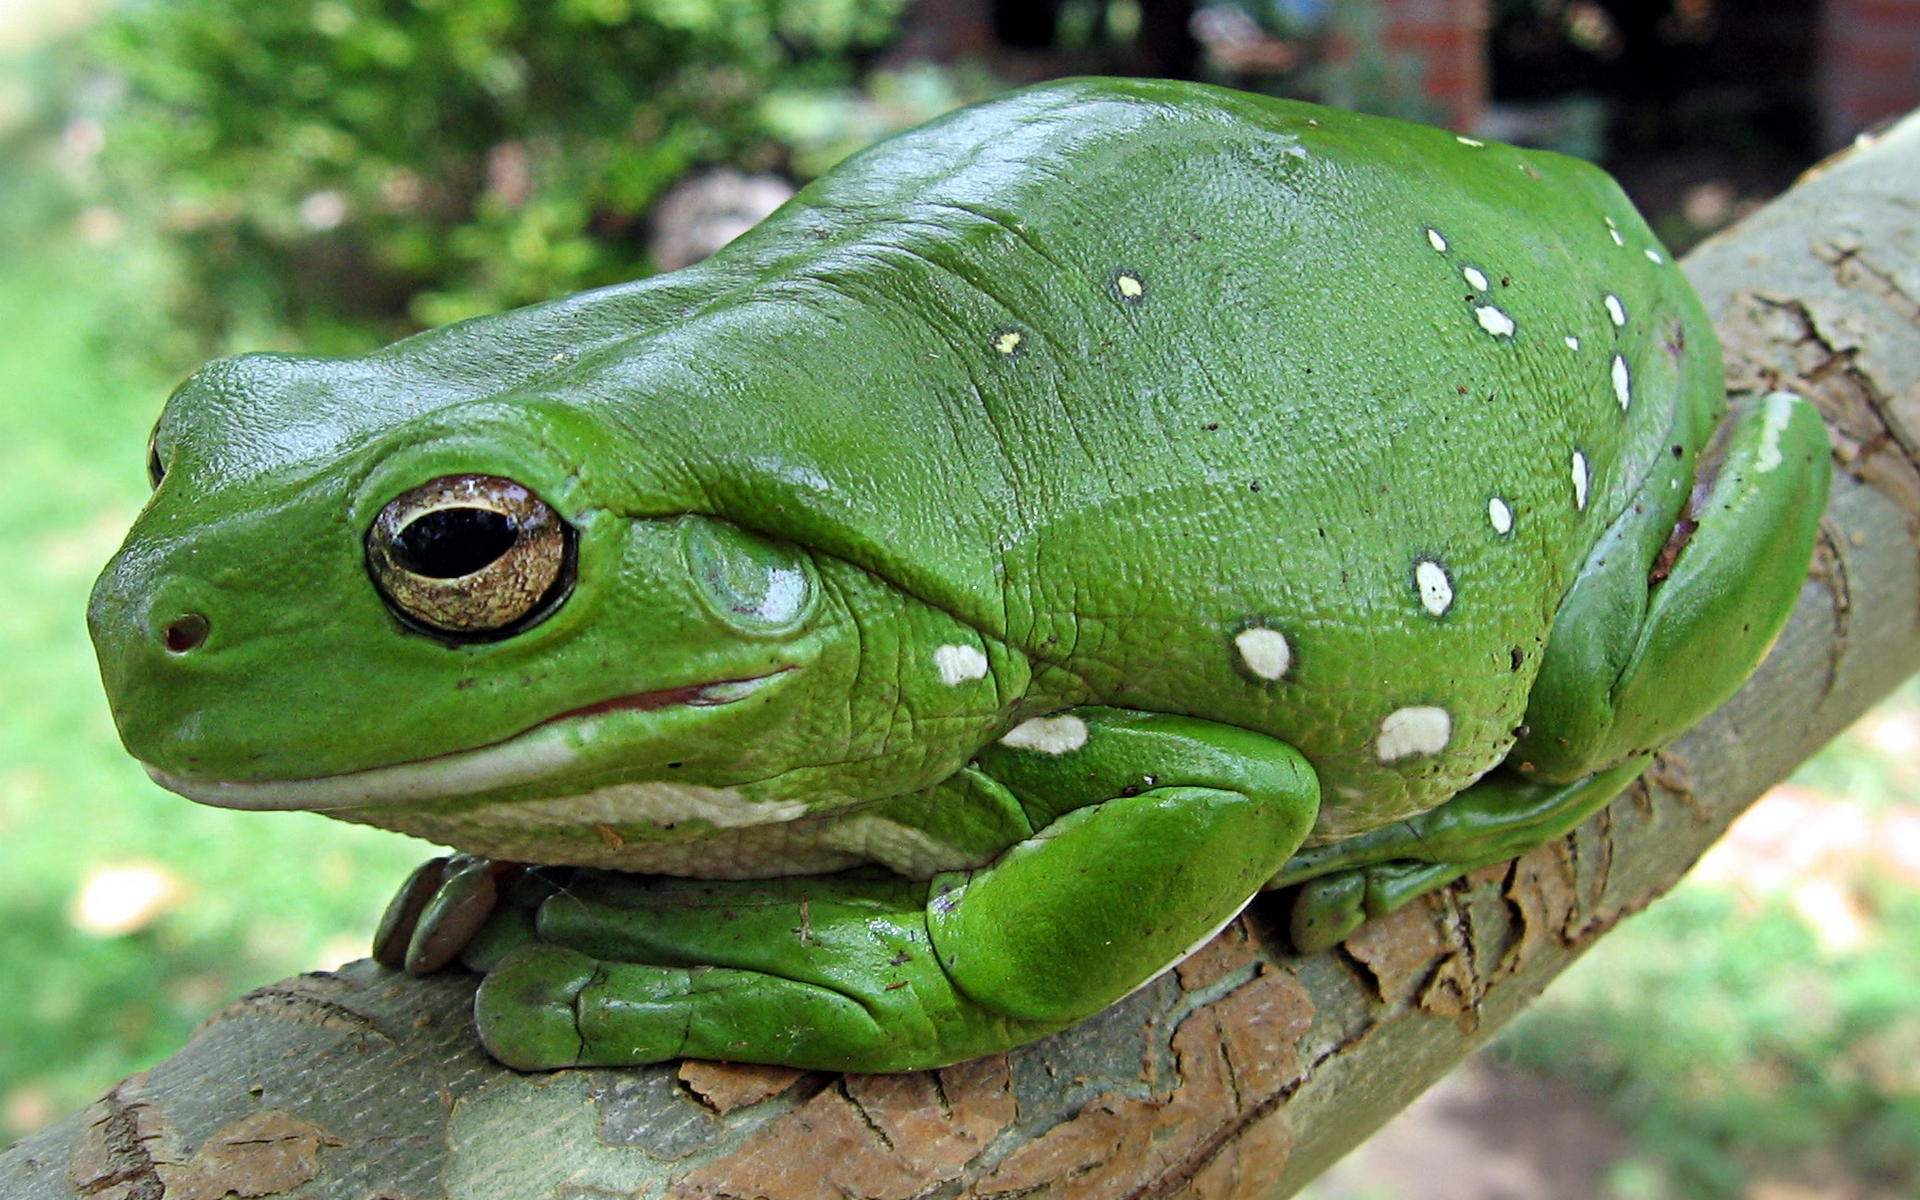 animal_frog_354429 Лягушки Дарвина вымерли из-за кожной инфекции